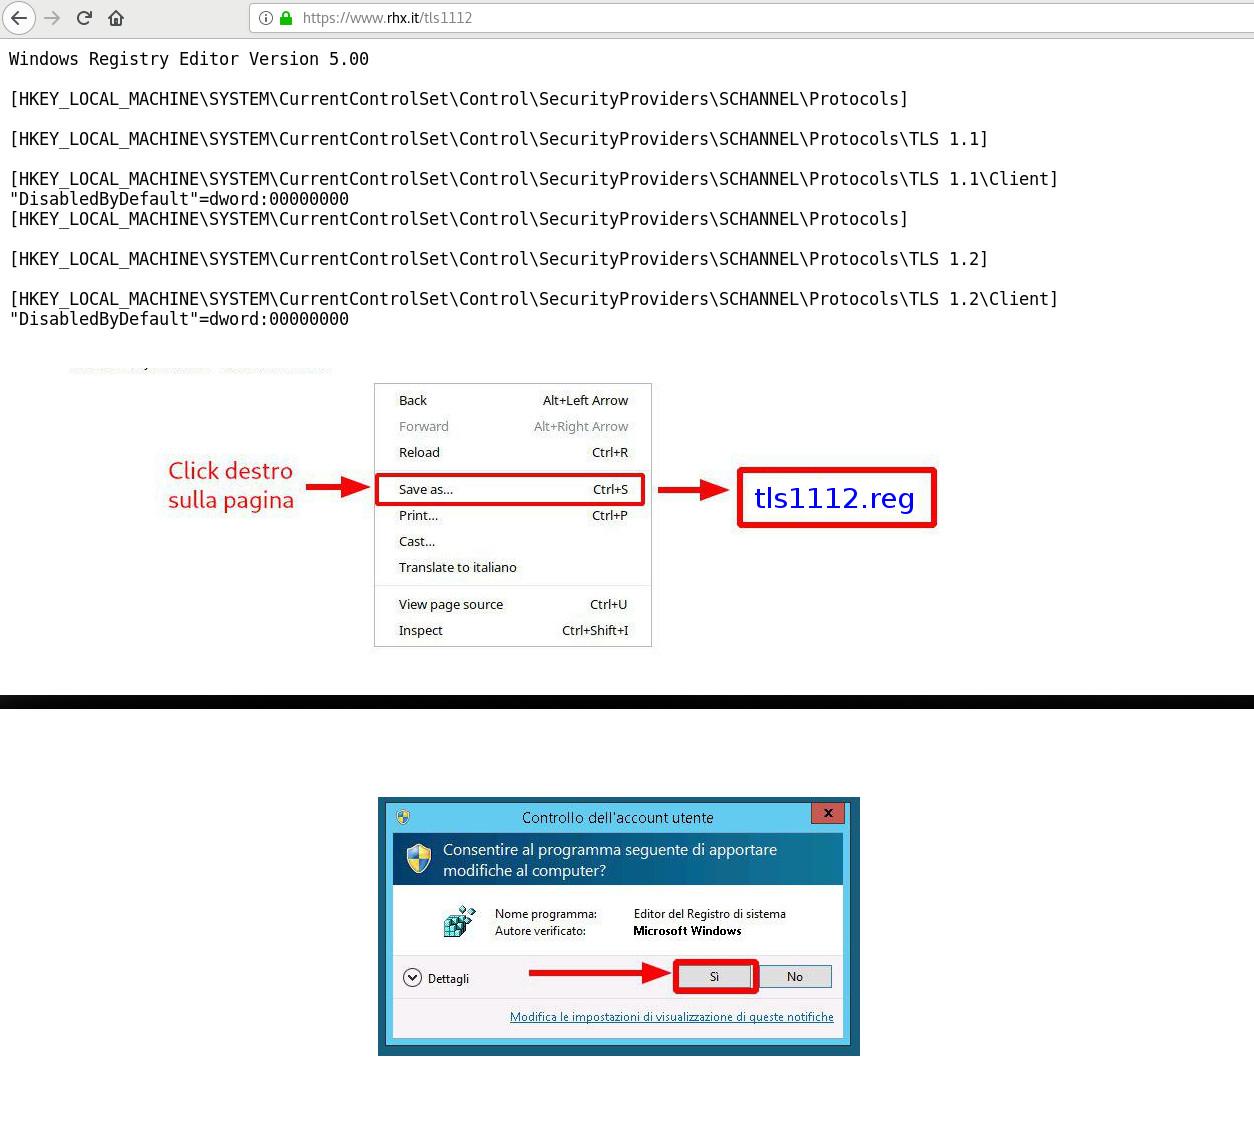 Attivare supporto TLS1.1 e TLS1.2 su Windows Seven